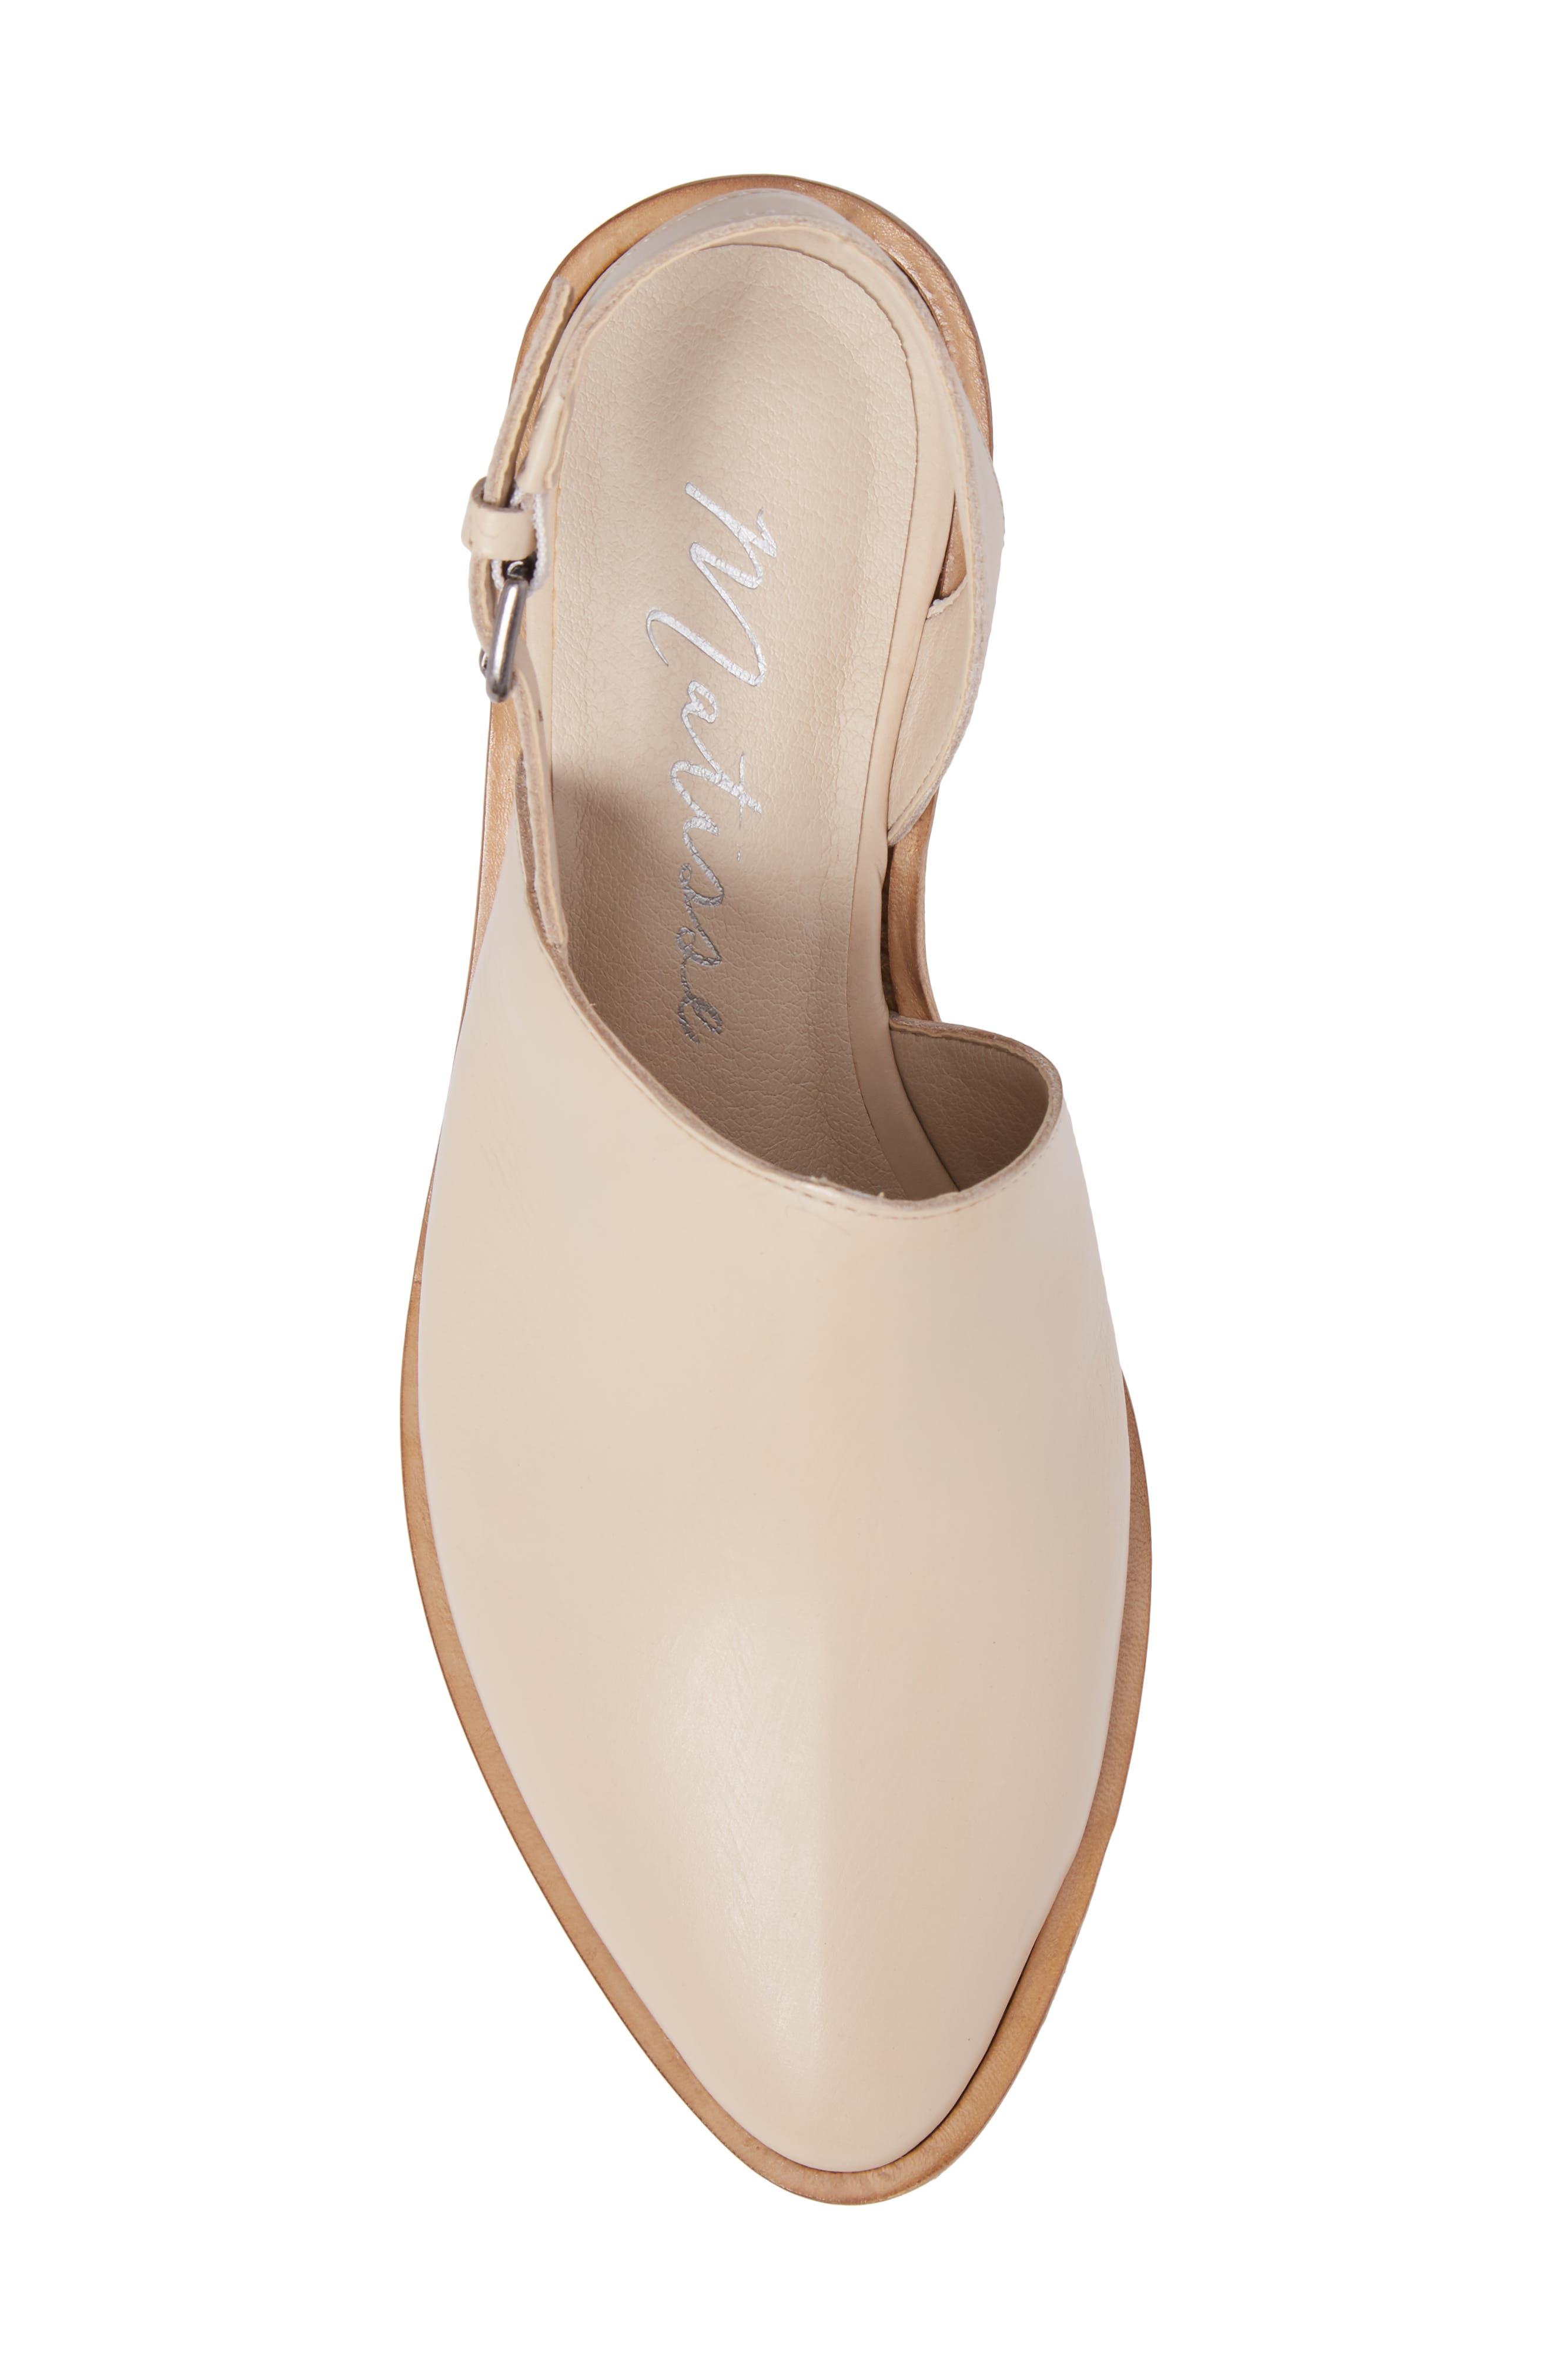 Eyals Slingback Platform Wedge Sandal,                             Alternate thumbnail 5, color,                             Natural Leather